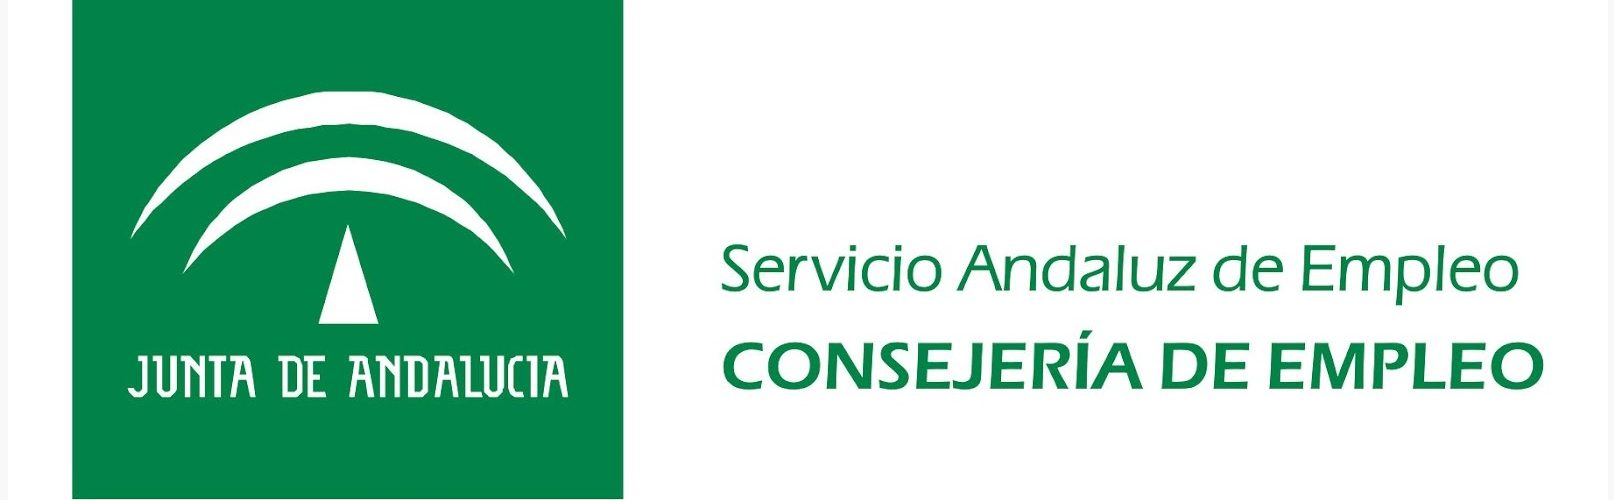 Más de 1.100 nuevas ofertas de empleo publicadas por el SAE